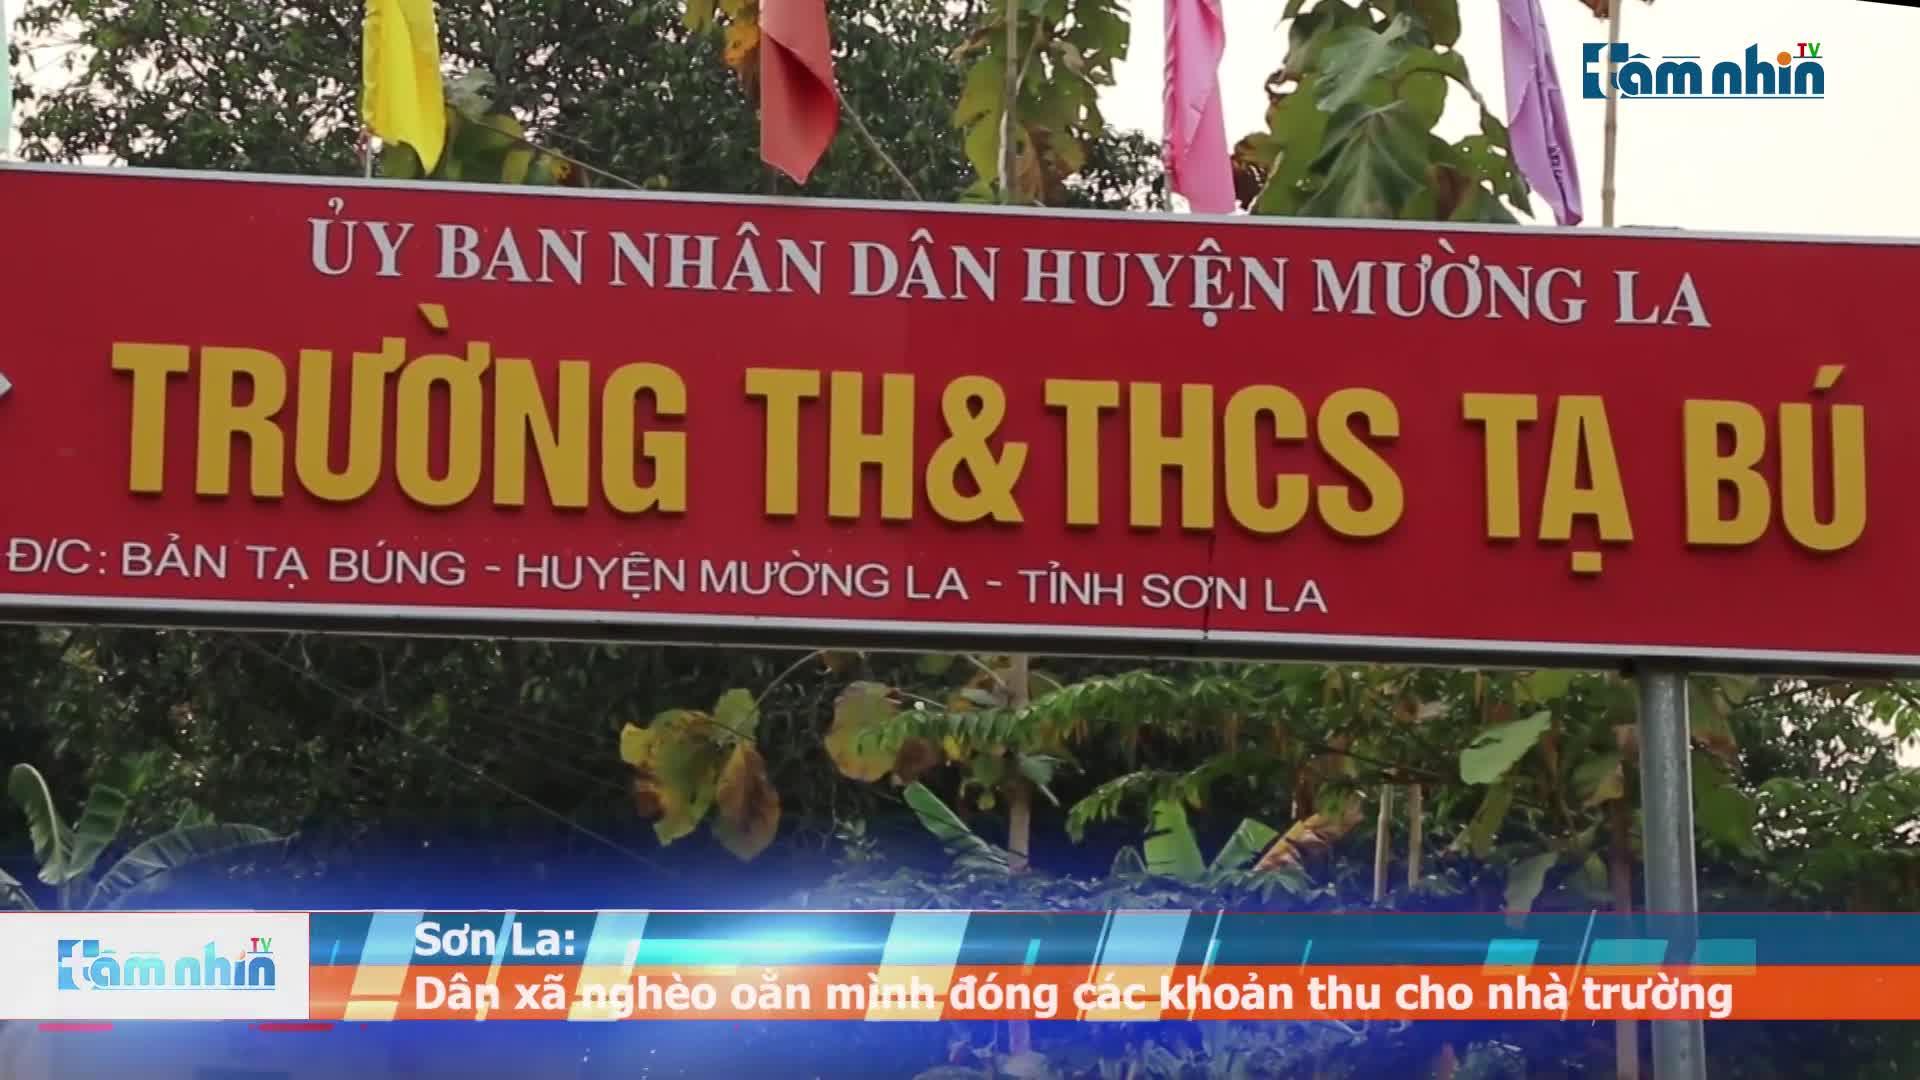 Sơn La: Dân xã nghèo oằn mình đóng các khoản thu cho nhà trường